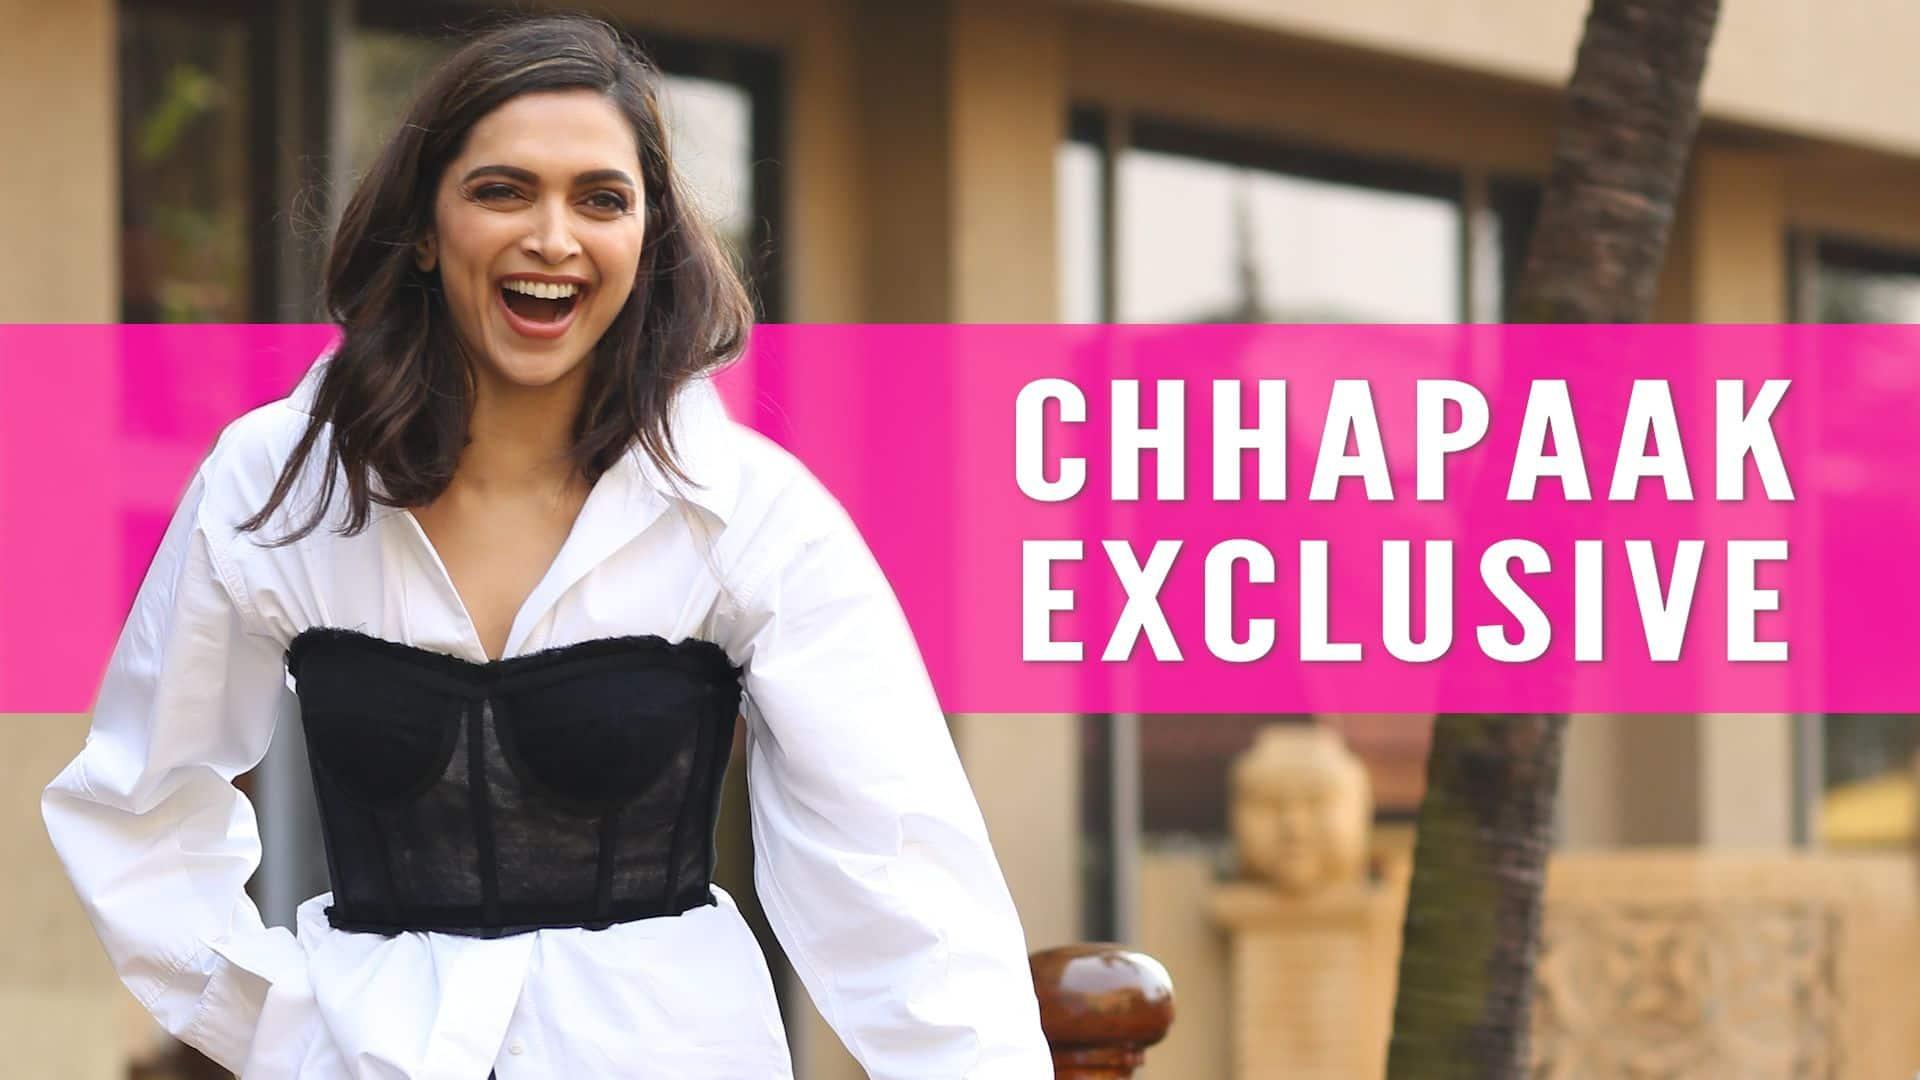 Chhapaak Film Review: Deepika Padukone की फिल्म देखने के बाद आप ऐसिड अटैक सरवाइवर्स से मुंह नहीं मोड़ेंगे